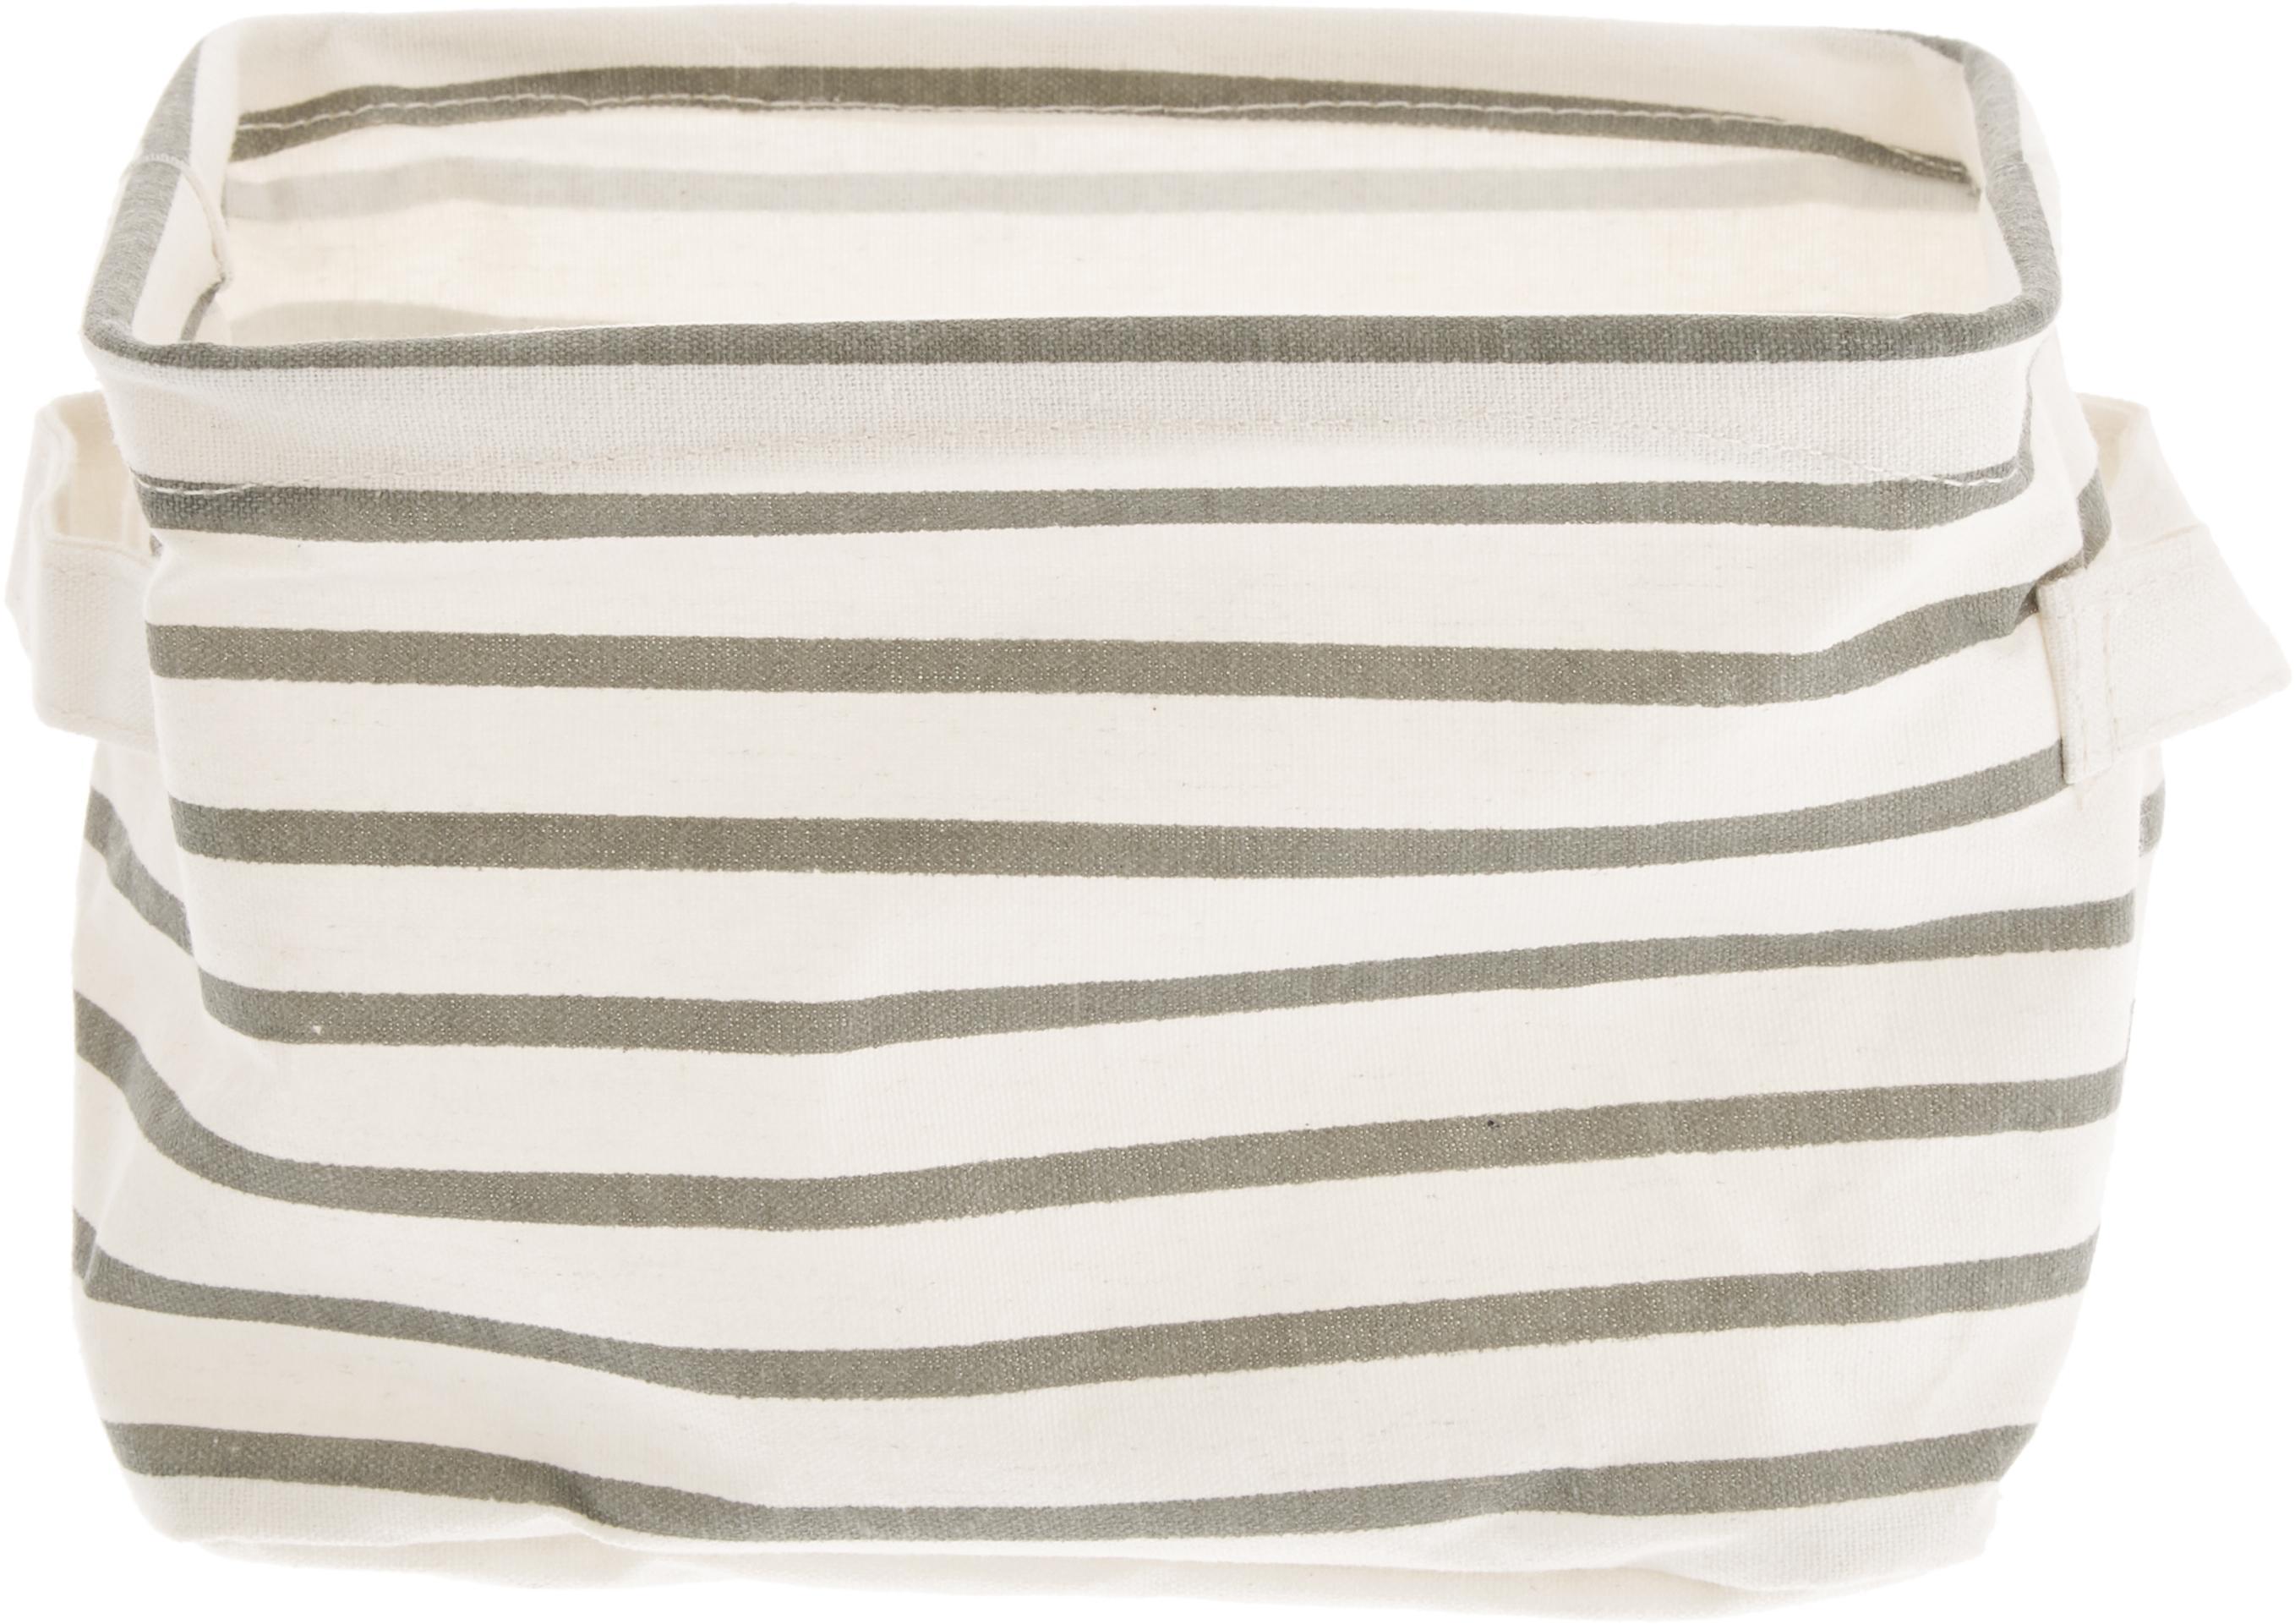 Aufbewahrungskörbe-Set Kia, 3-tlg., Gestell: Eisen, Bezug: Segeltuch, Grau, Weiß, Sondergrößen